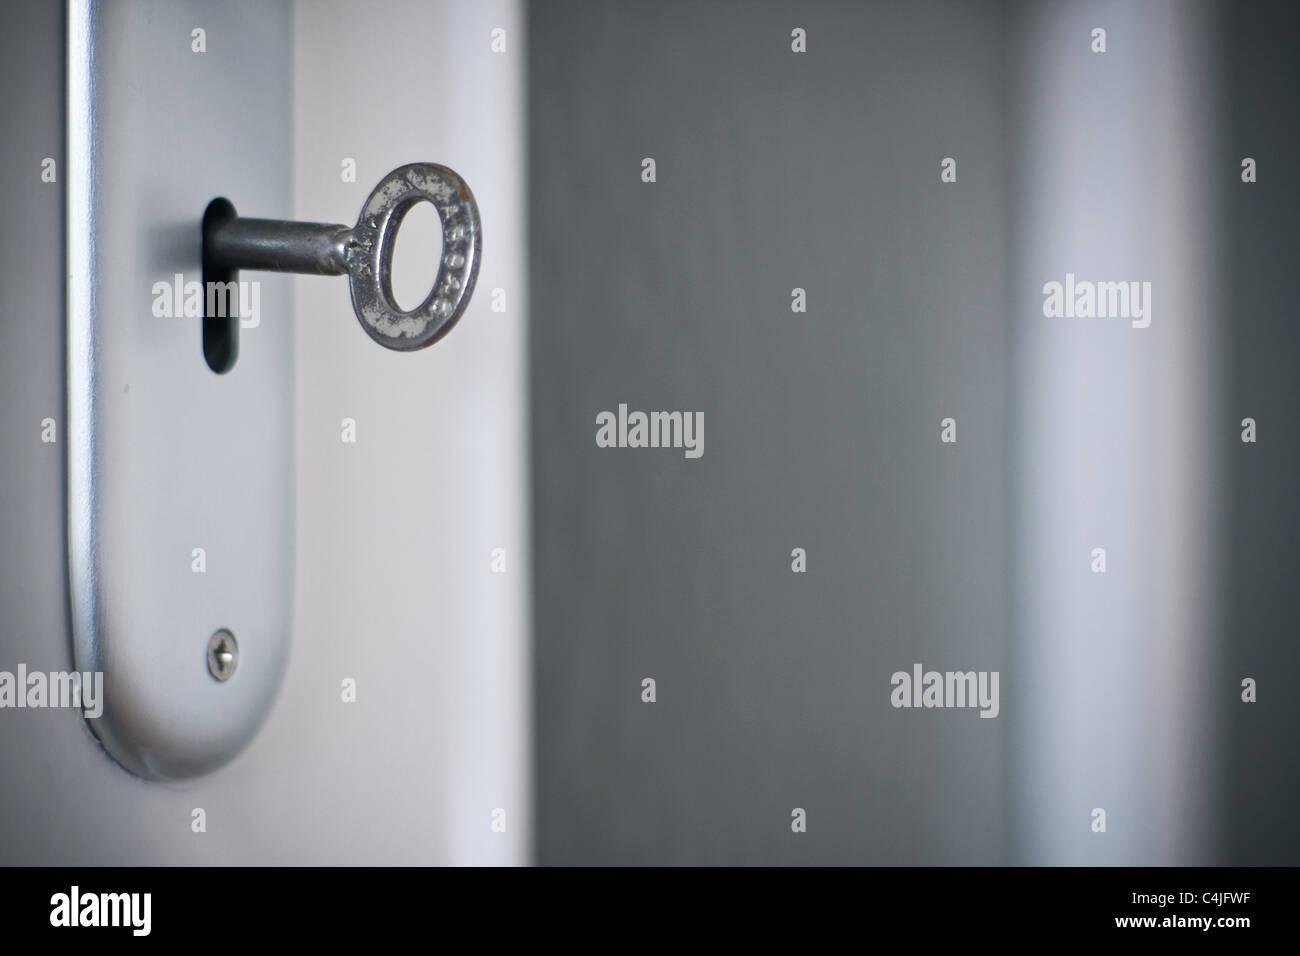 key - Stock Image